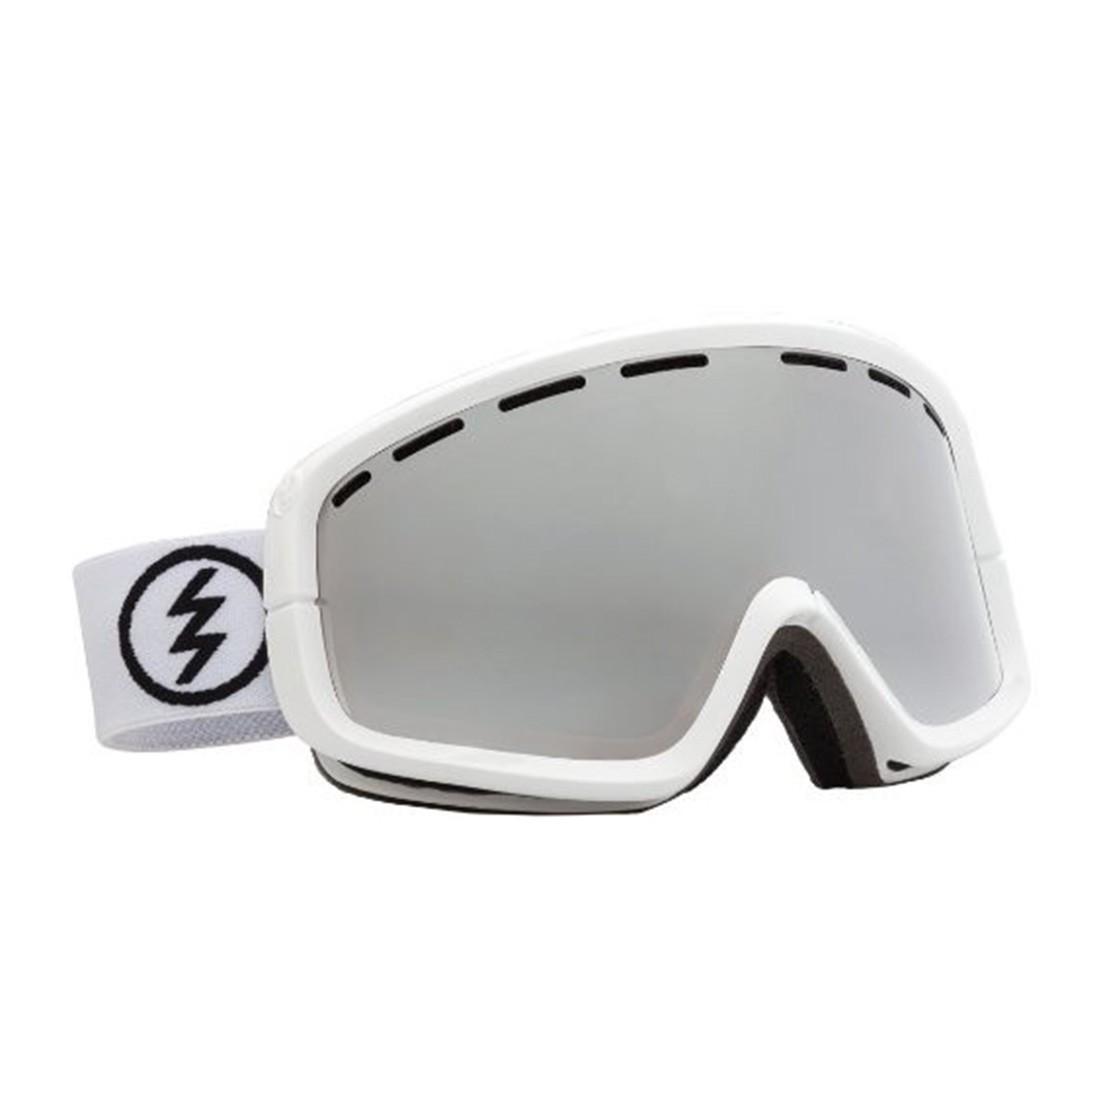 MASQUE EGB2 gloss white